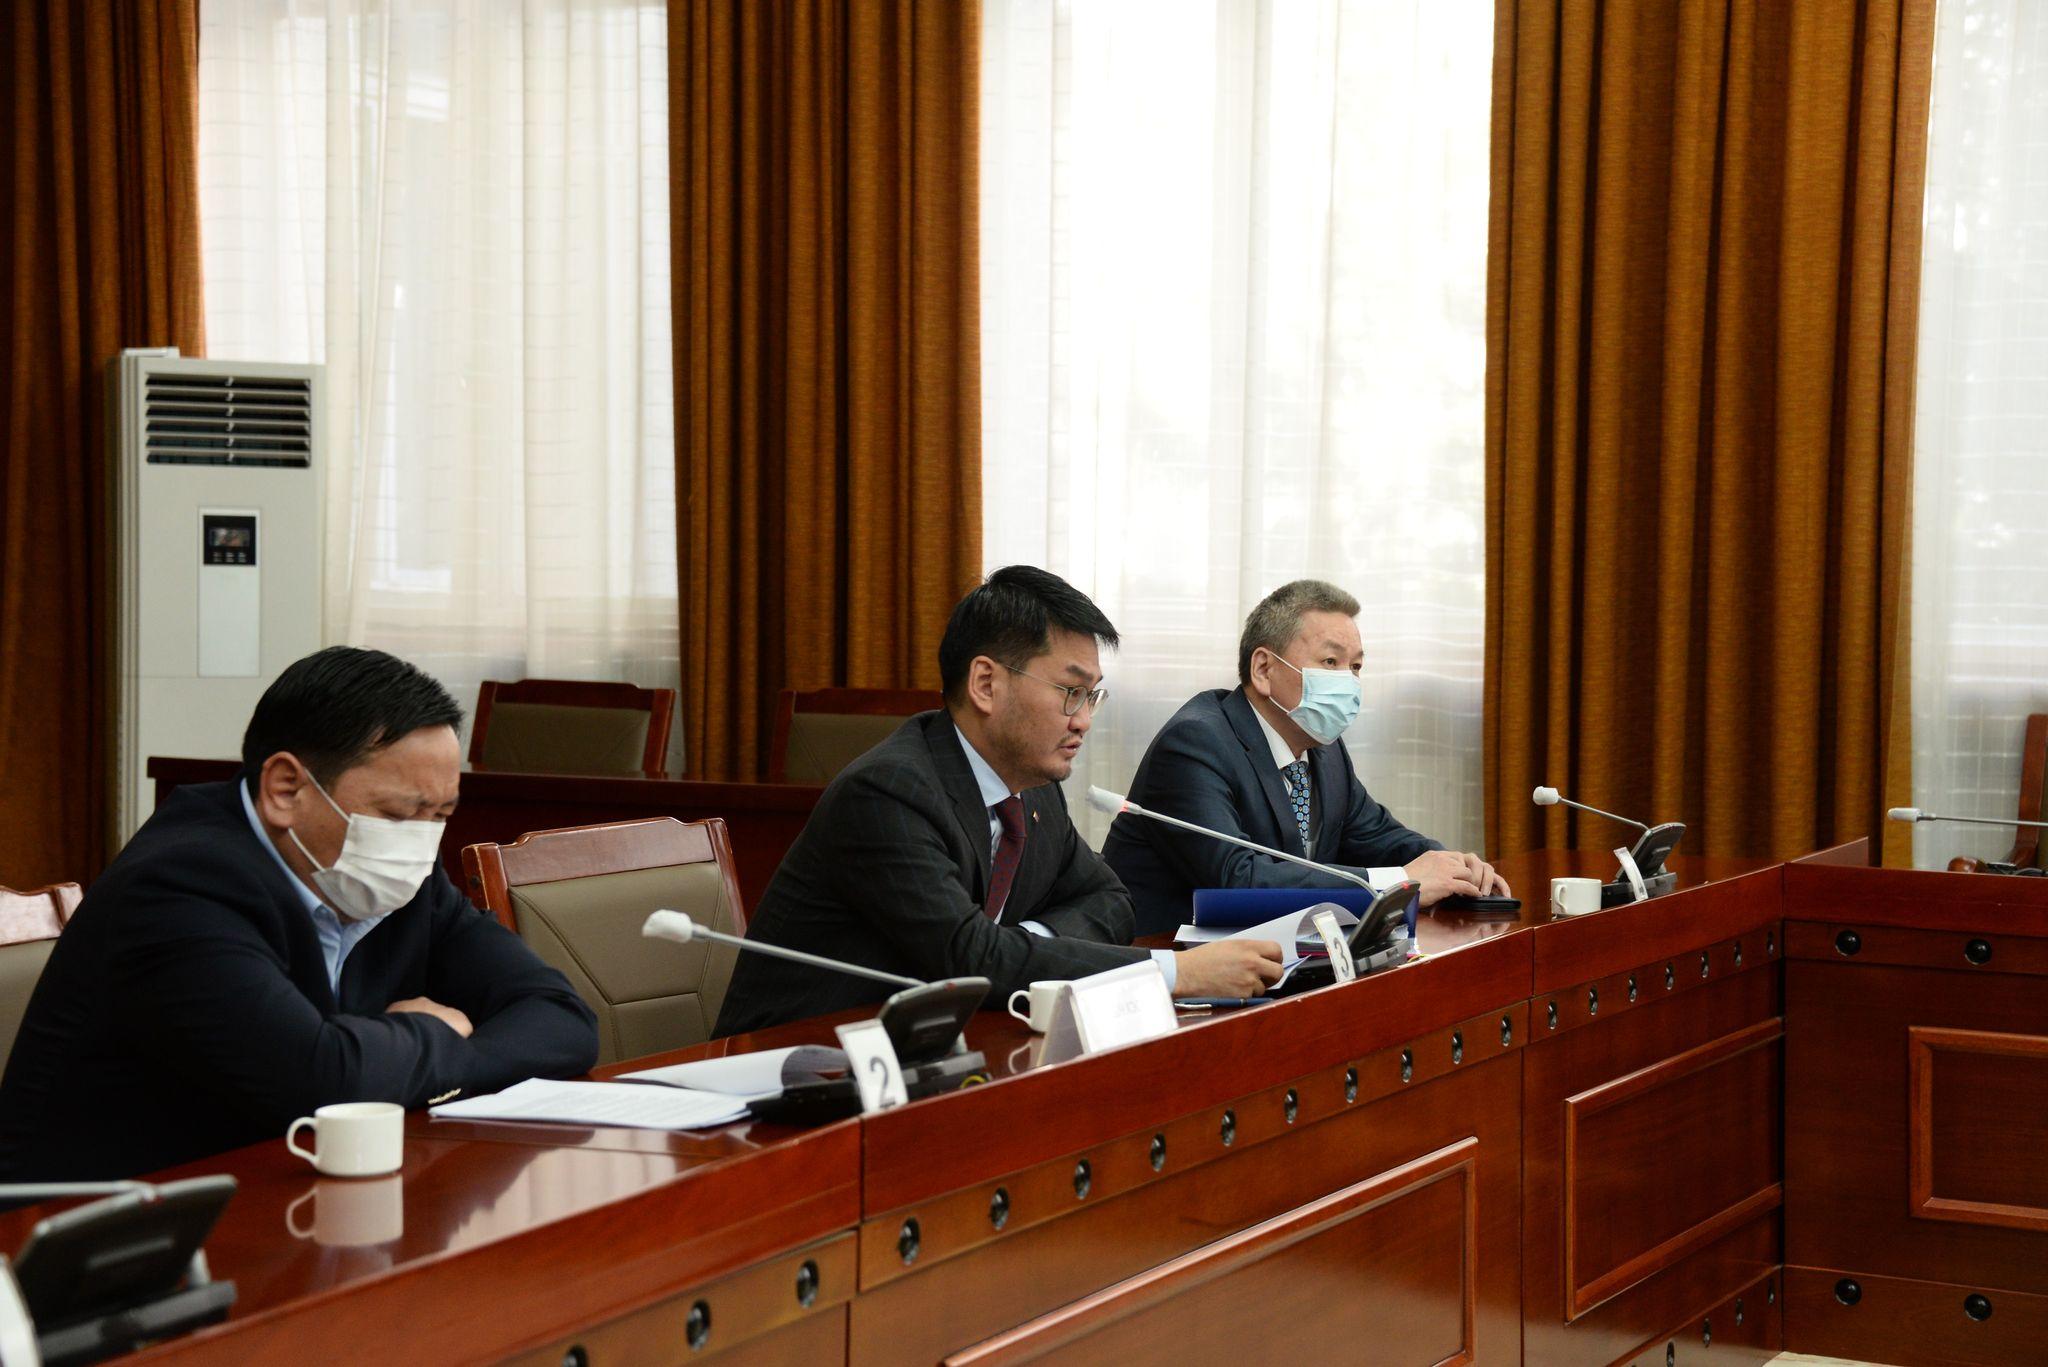 Үндсэн хуулийн цэцийн гишүүнээр томилох, чөлөөлөх тухай УИХ-ын тогтоолд хэсэгчлэн тавьсан Монгол Улсын Ерөнхийлөгчийн хоригийг хэлэлцэх үеэр Ардчилсан намын бүлэг завсарлага авлаа